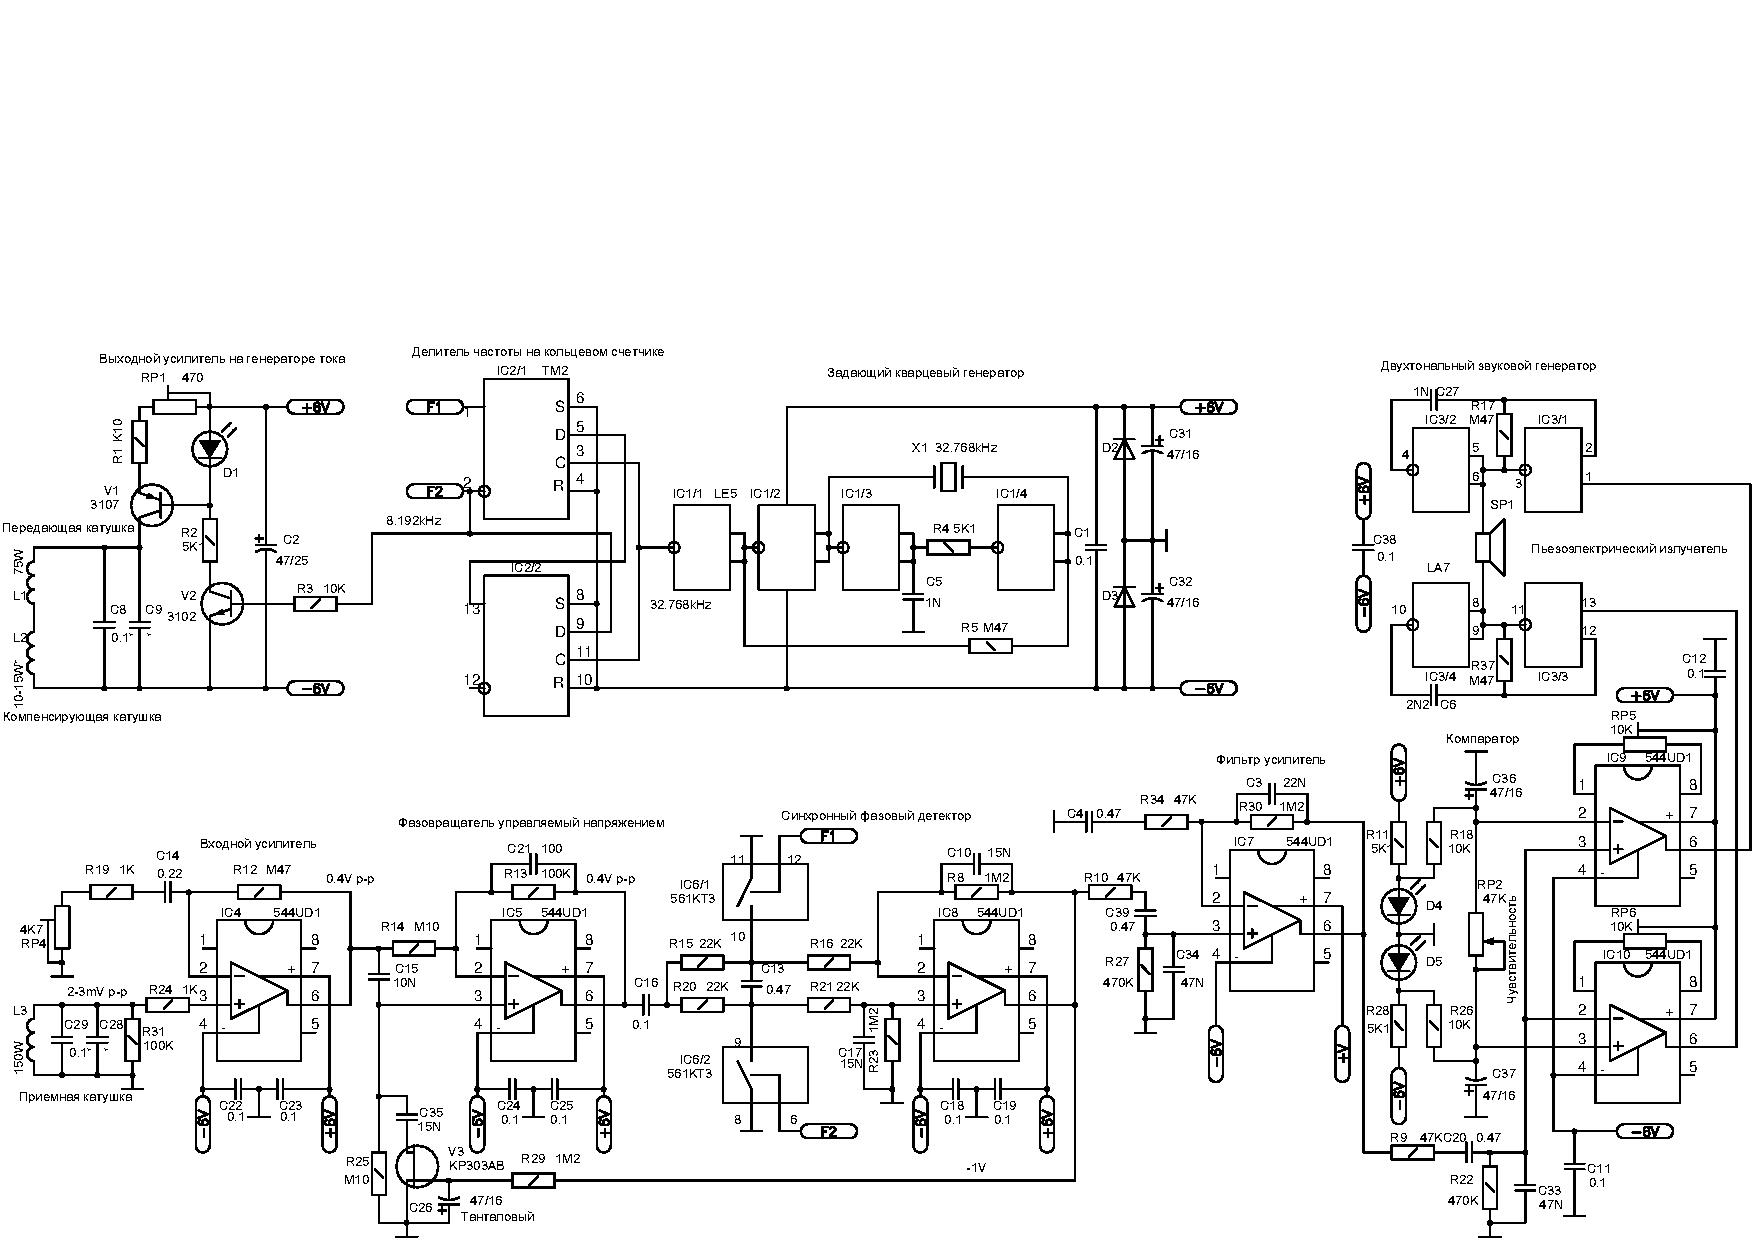 Металлоискатель Фазитрон-IB